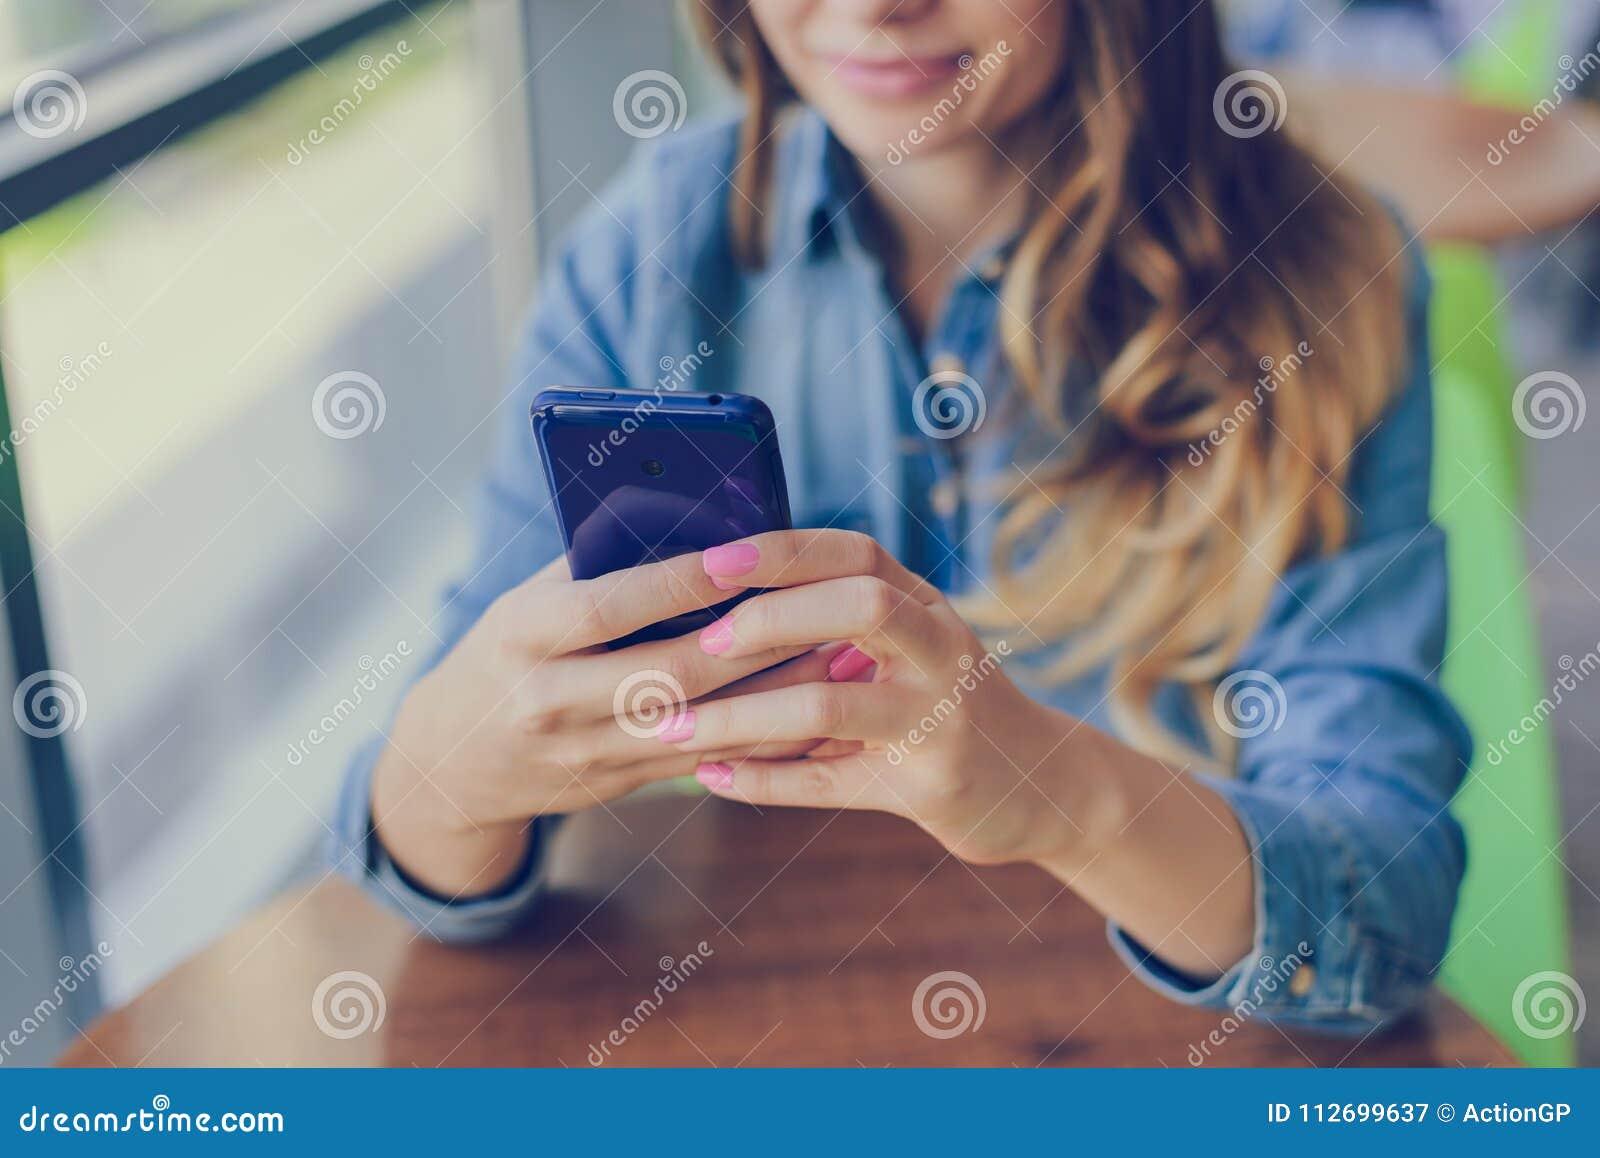 Begrepp av att använda modern teknologi för att shoppa Den lyckliga le kvinnan använder mobiltelefonen för internetshopping, henn